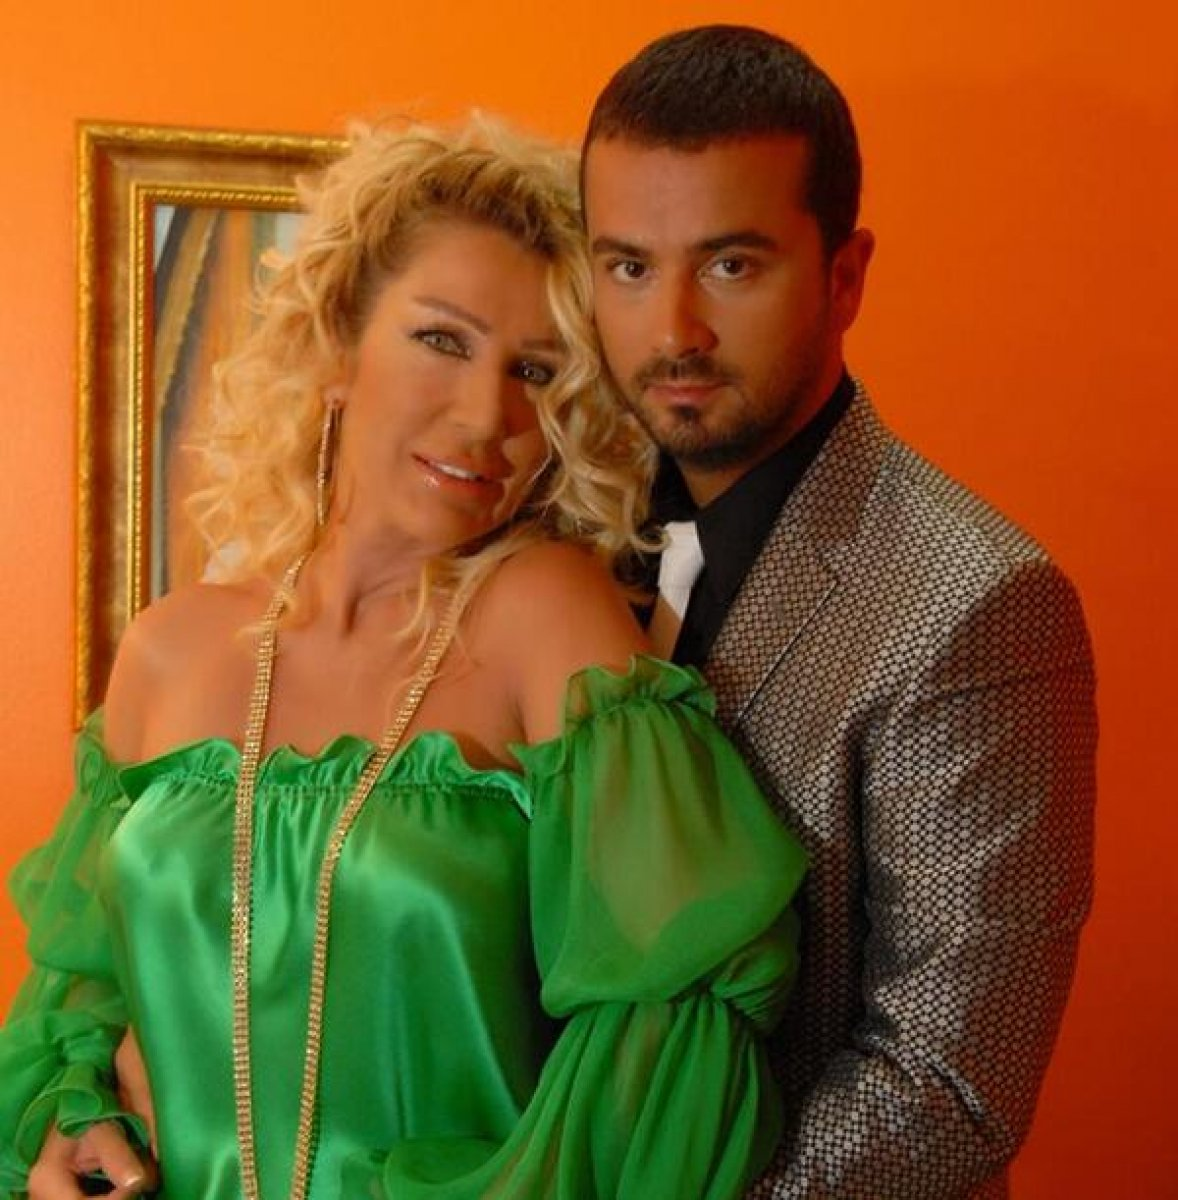 Seda Sayan'ın ardından ilahiyat konserinde tanıştığı Büşra Aköz ile evlenen Onur Şan kimdir?  Onur Şan'ın Hayatı # 1